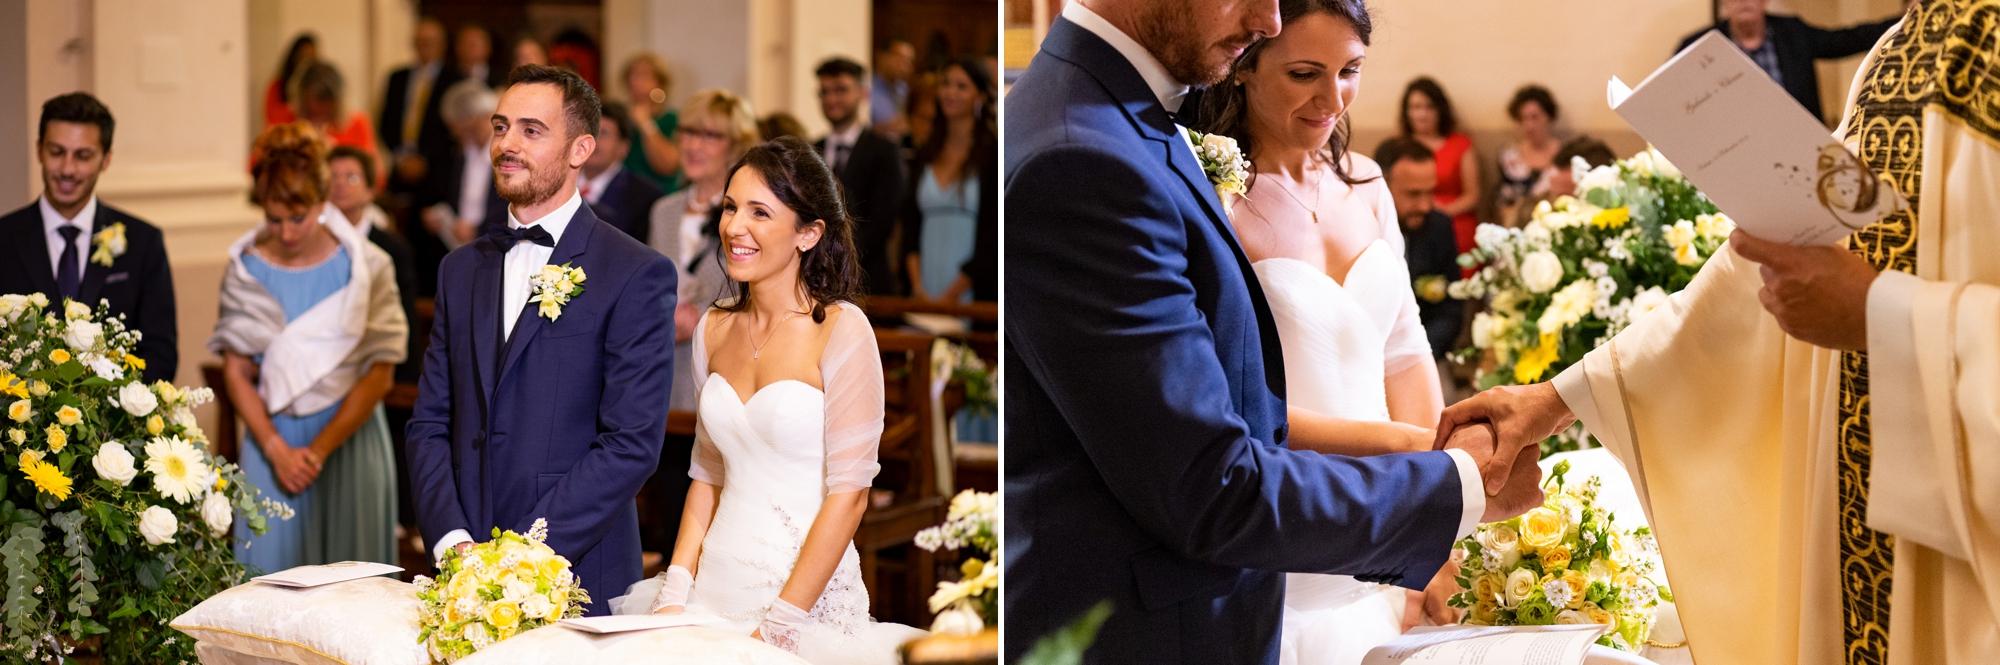 reportage-matrimonio-rimini